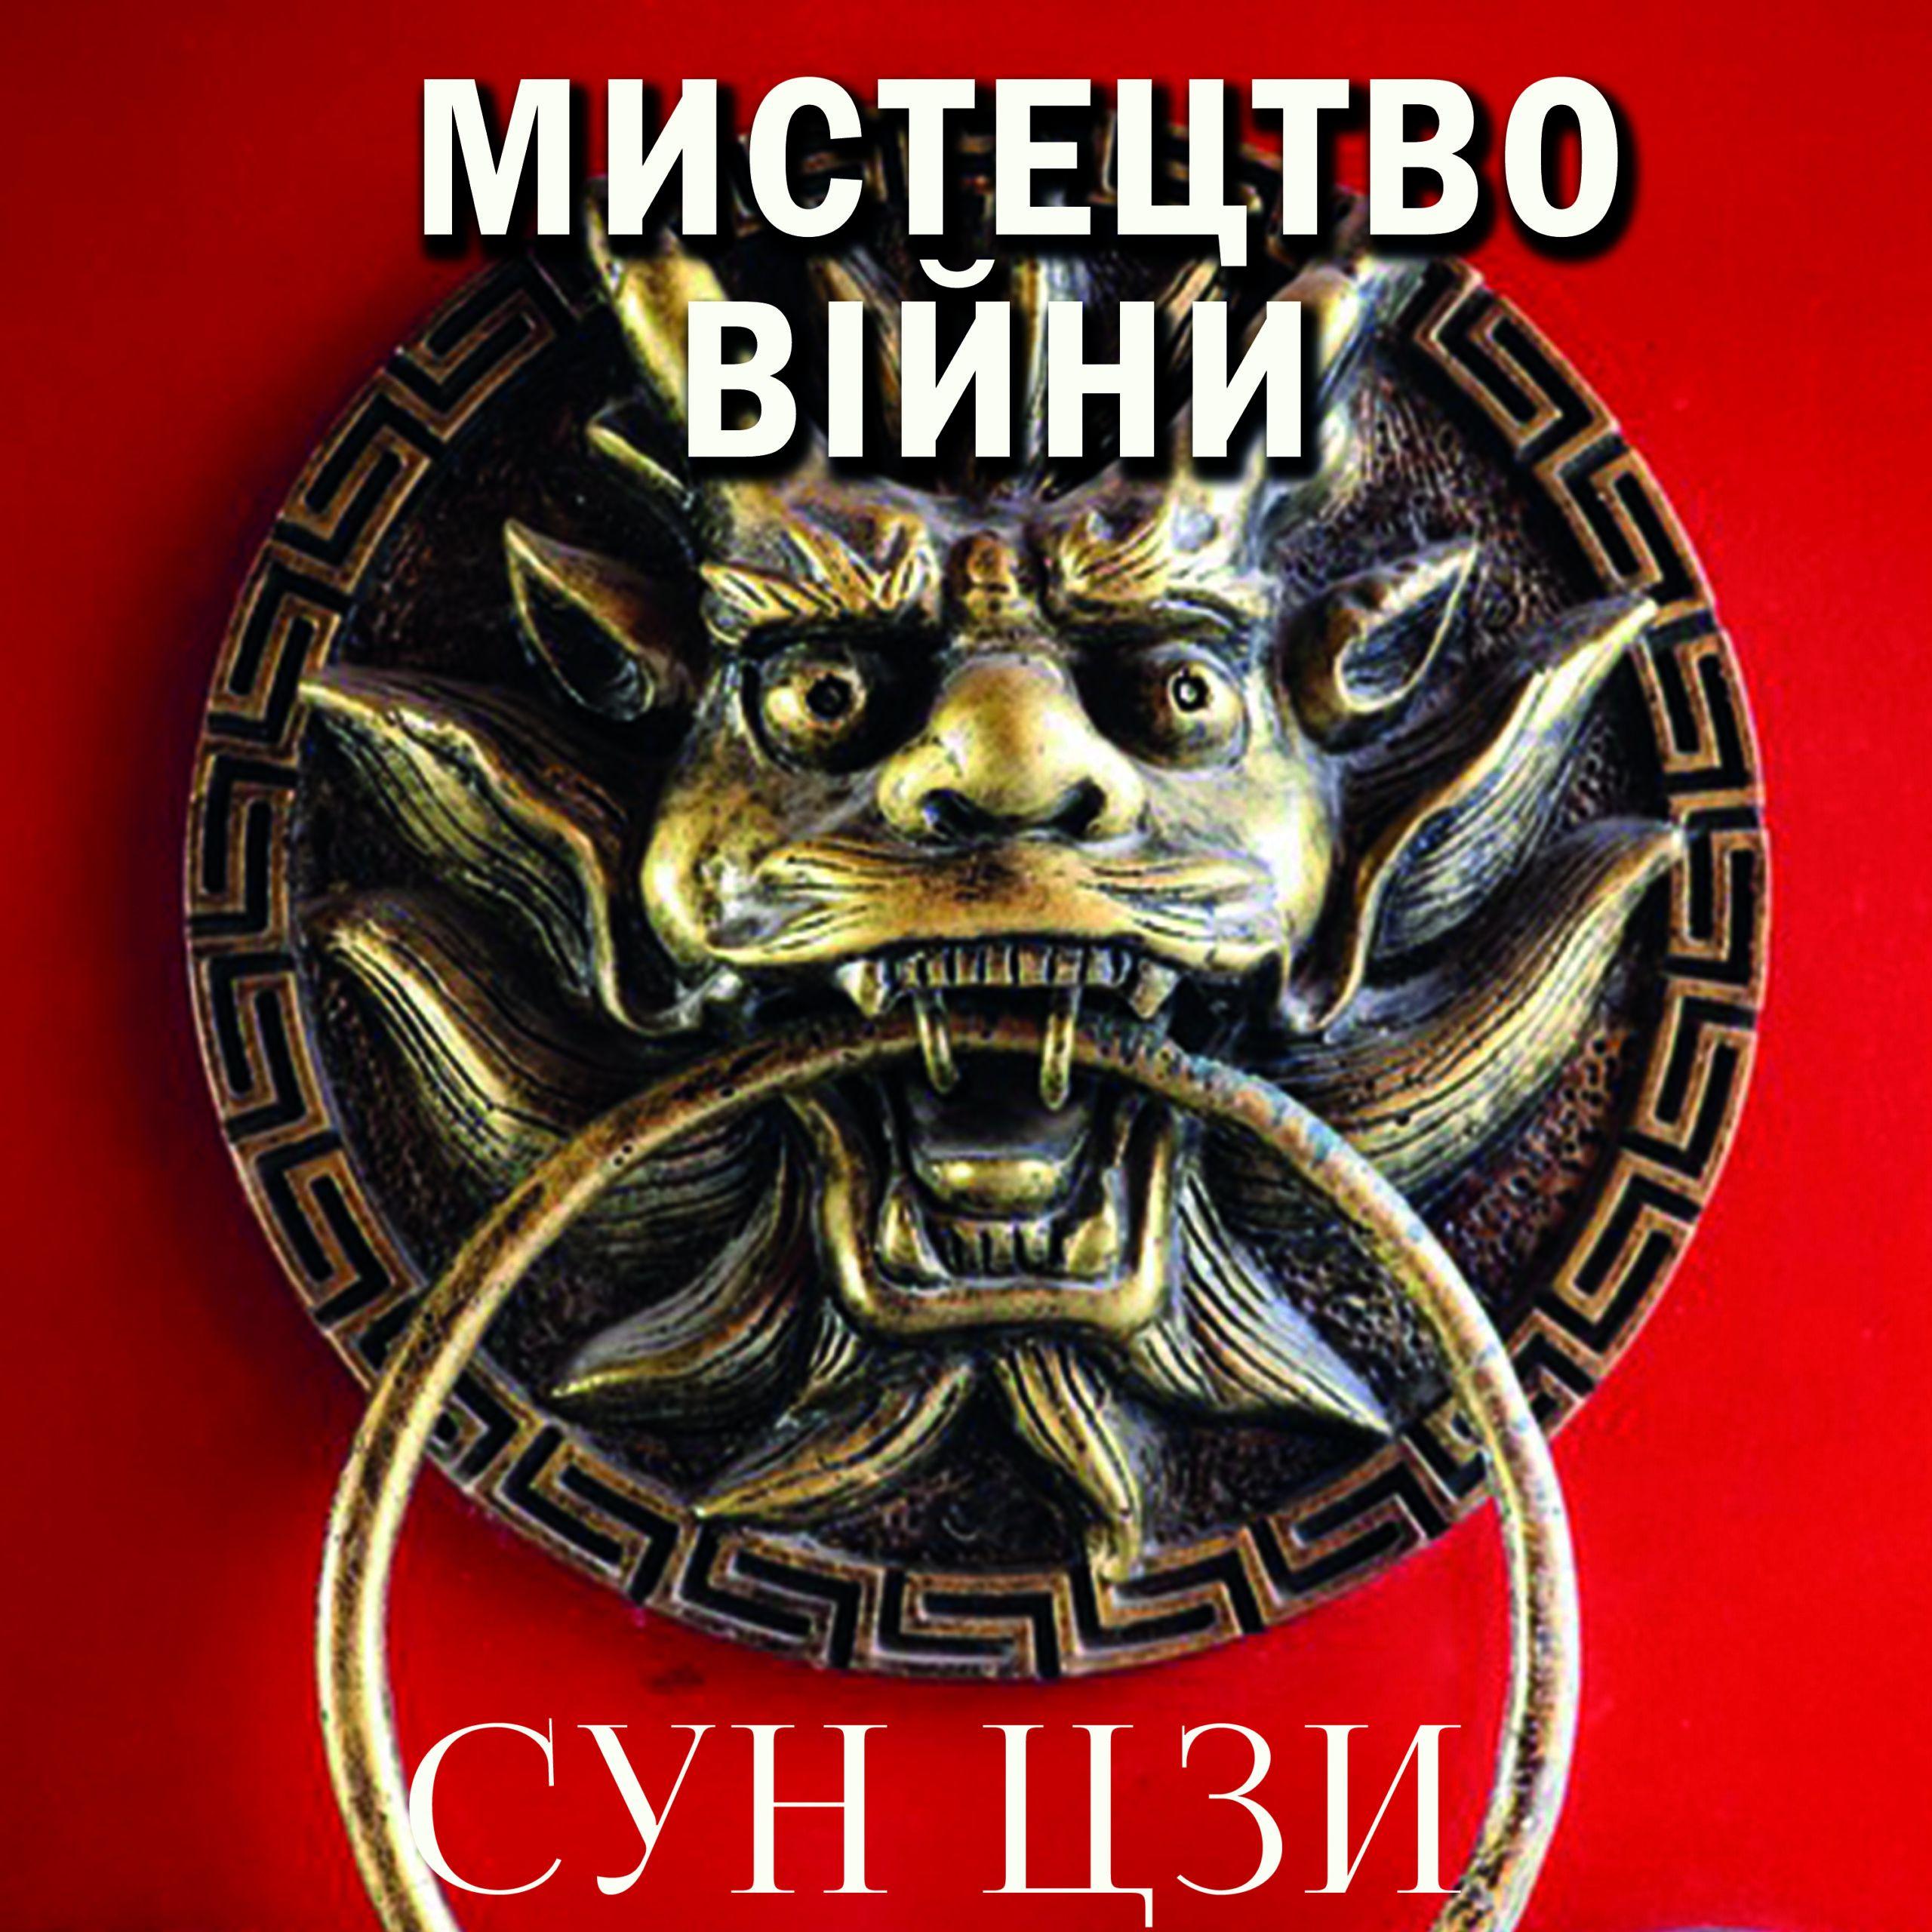 Аудіокнига українською Мистецтво війни Сунь Цзи mp3